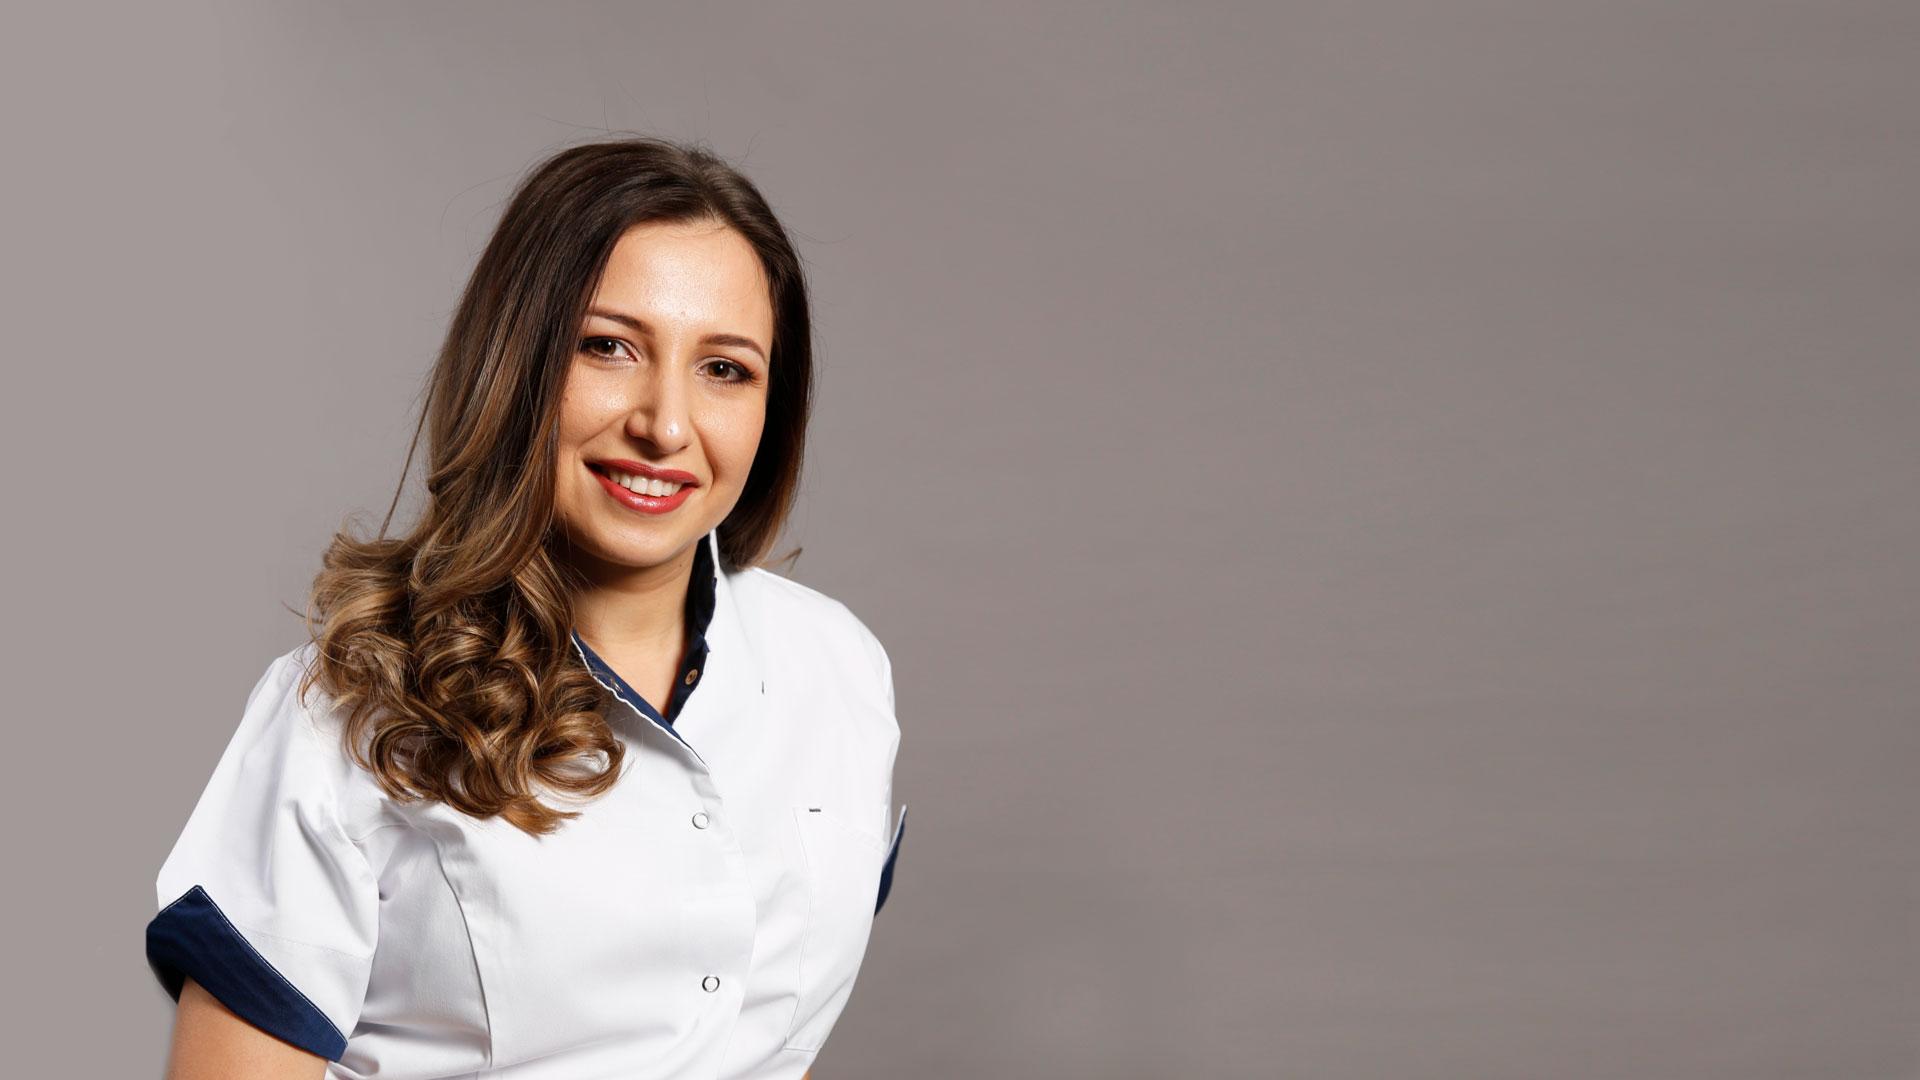 Dr. Stefania Stana